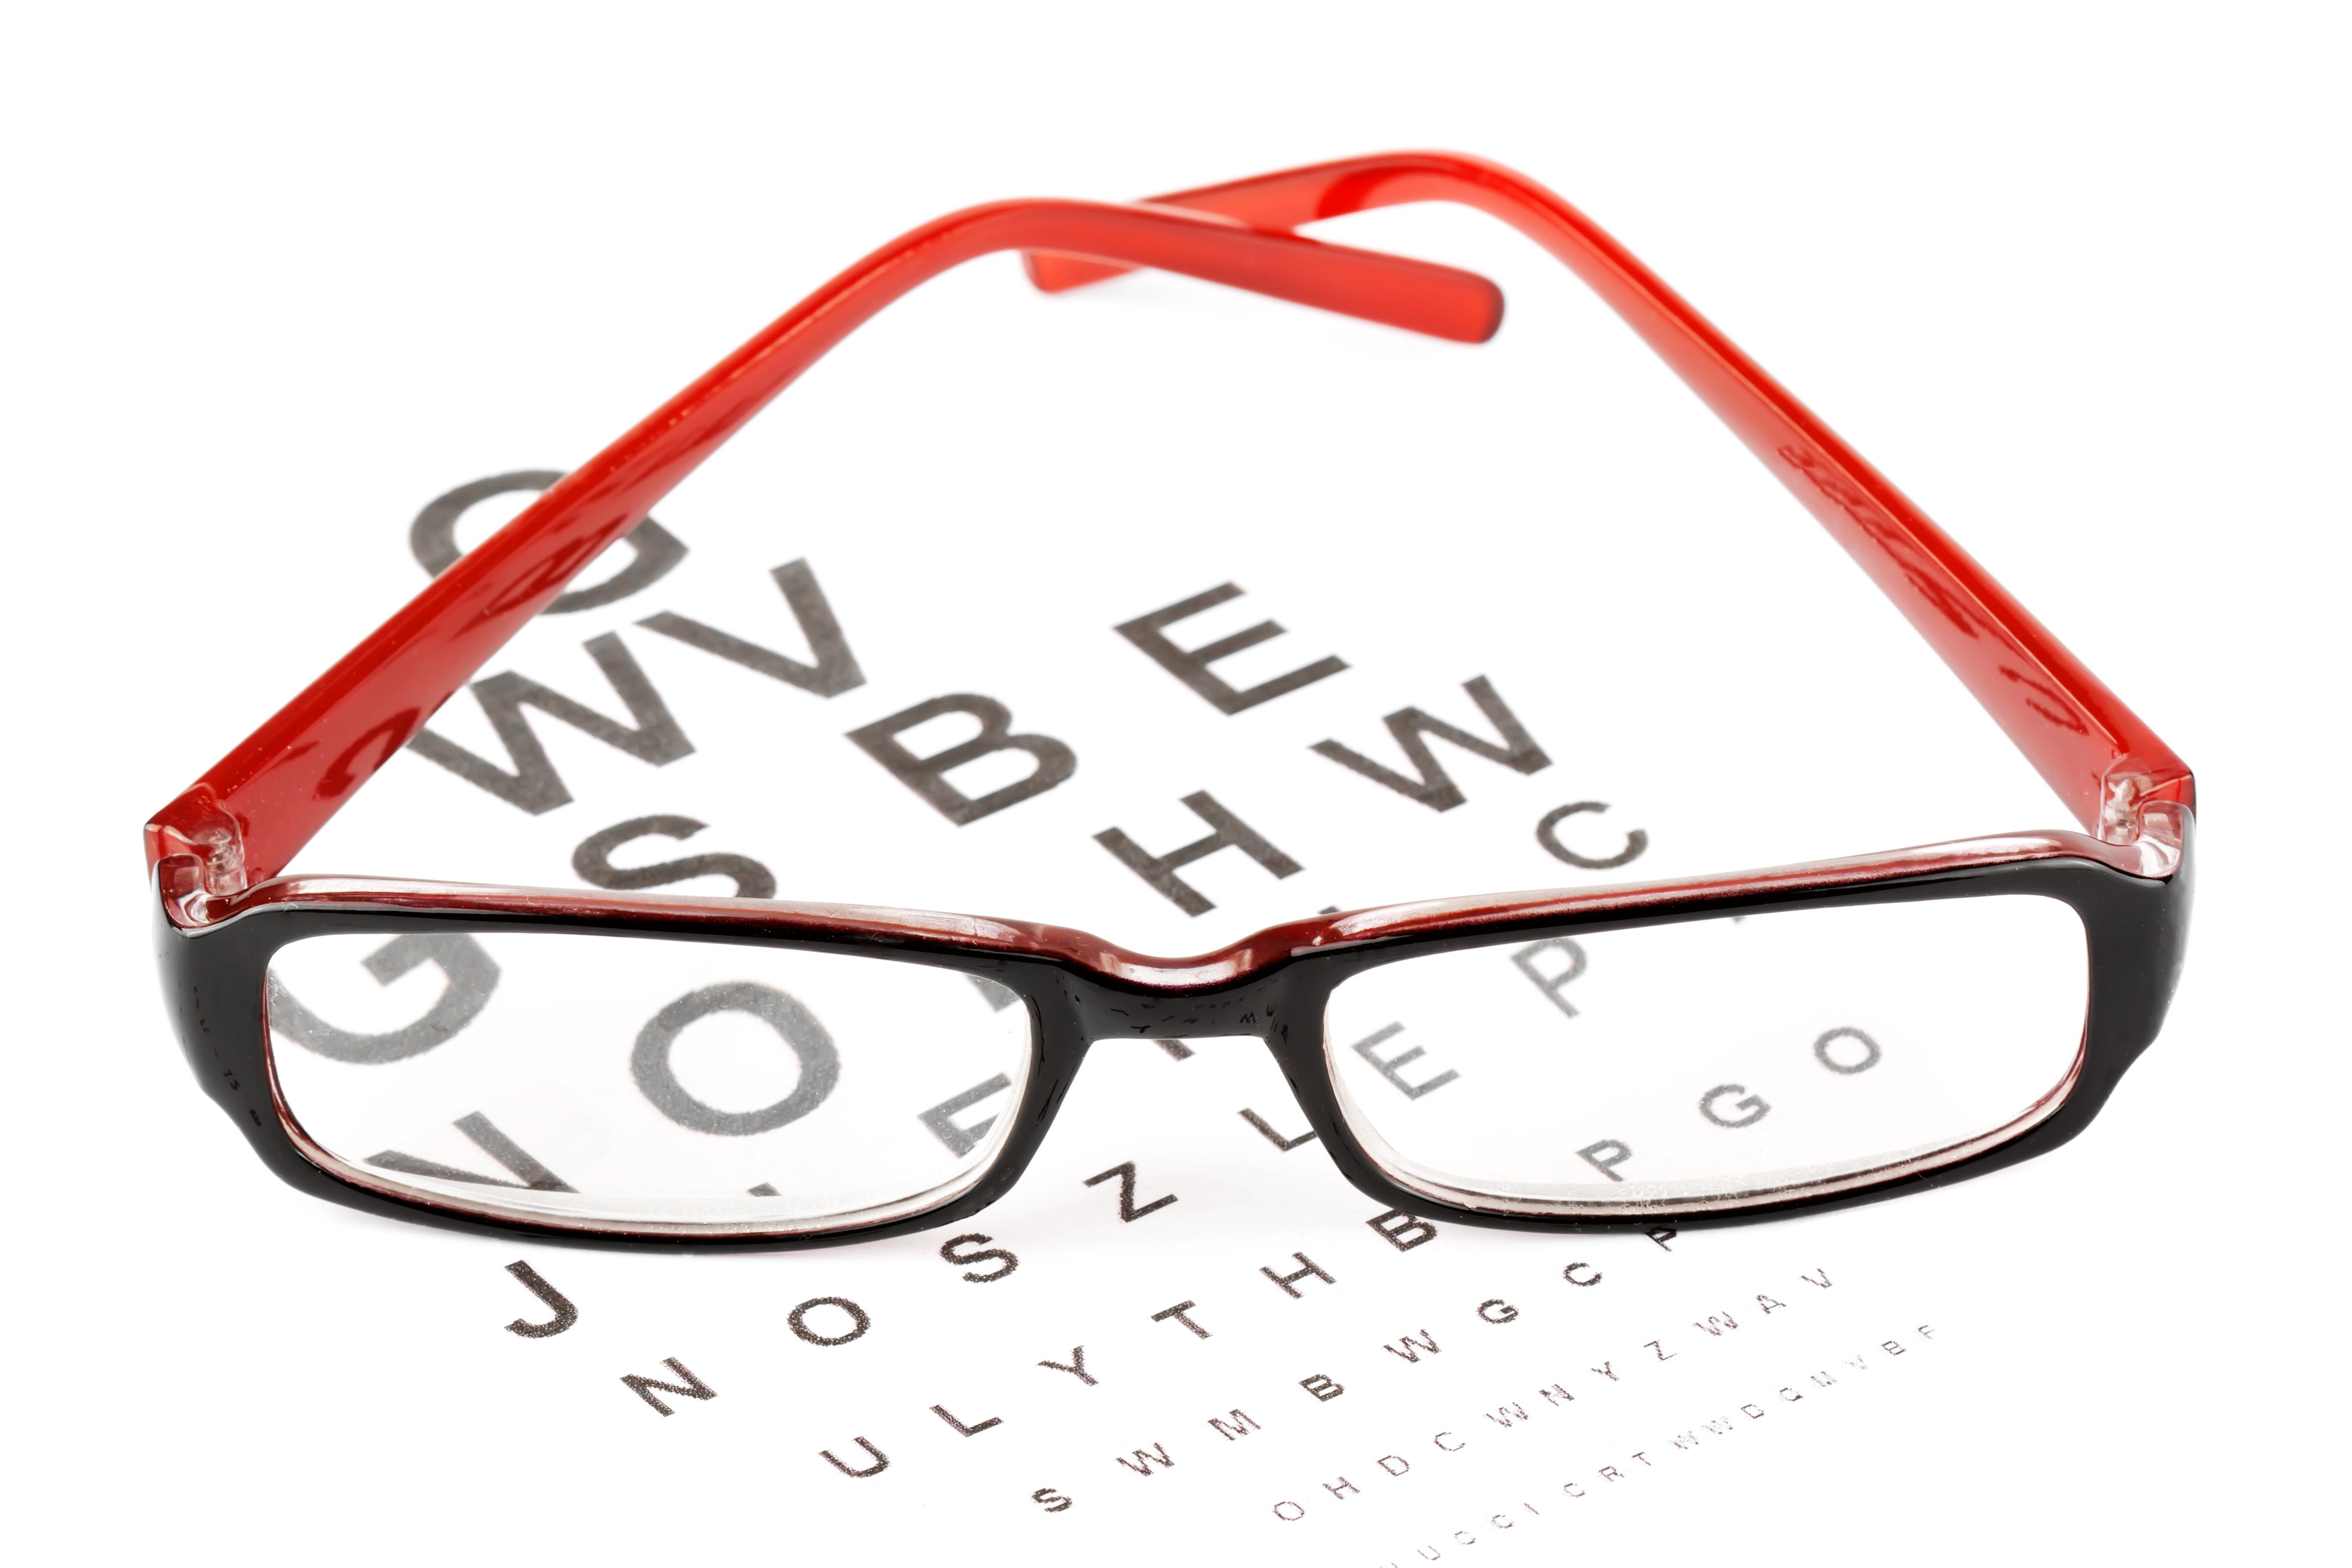 Redaktion - 5/5 - Brillen Trends & Themen